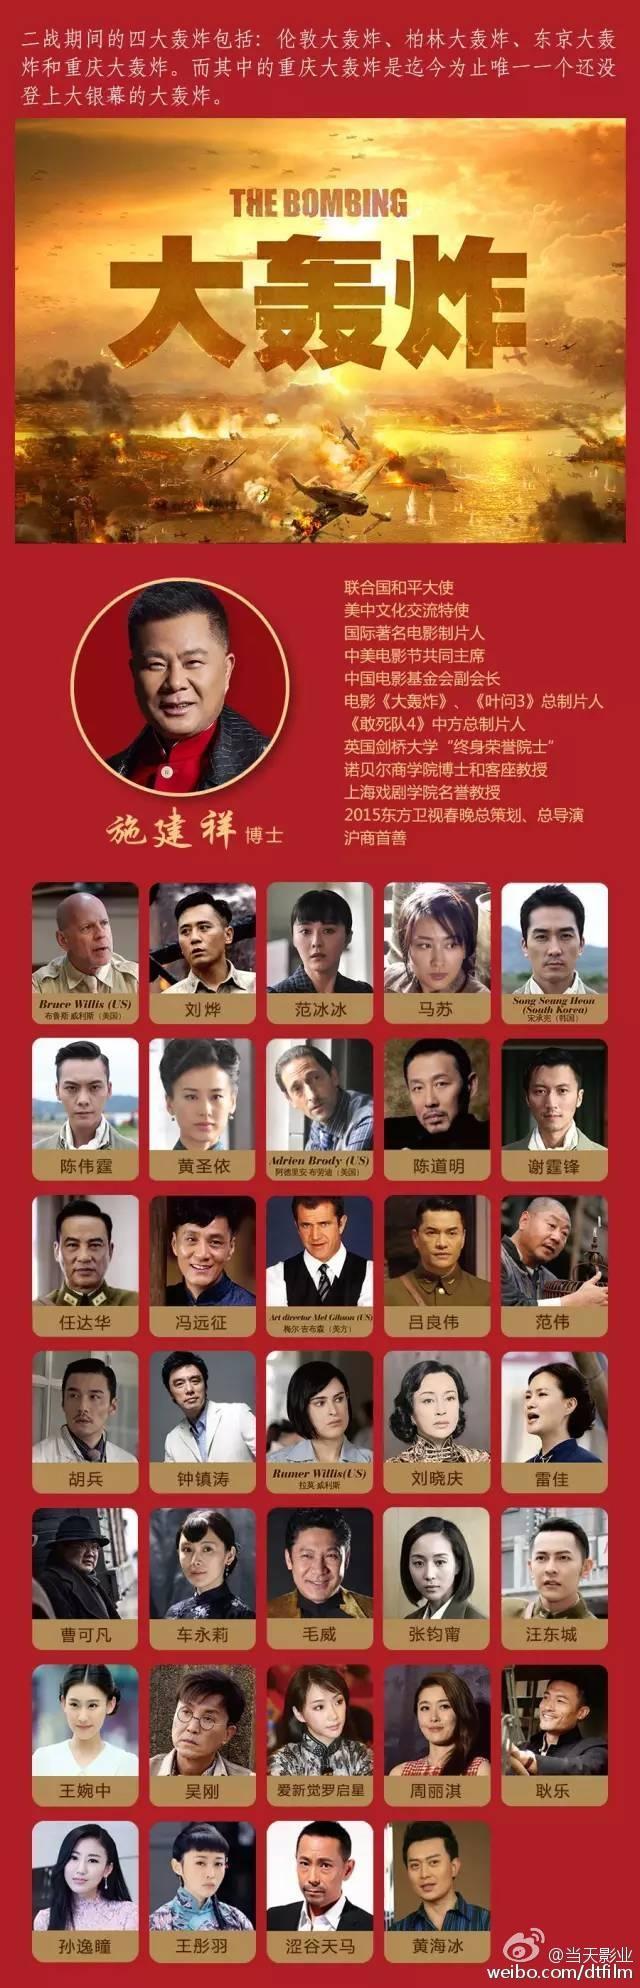 电影《大轰炸》宣布撤档!曾被崔永元多次公开抵制